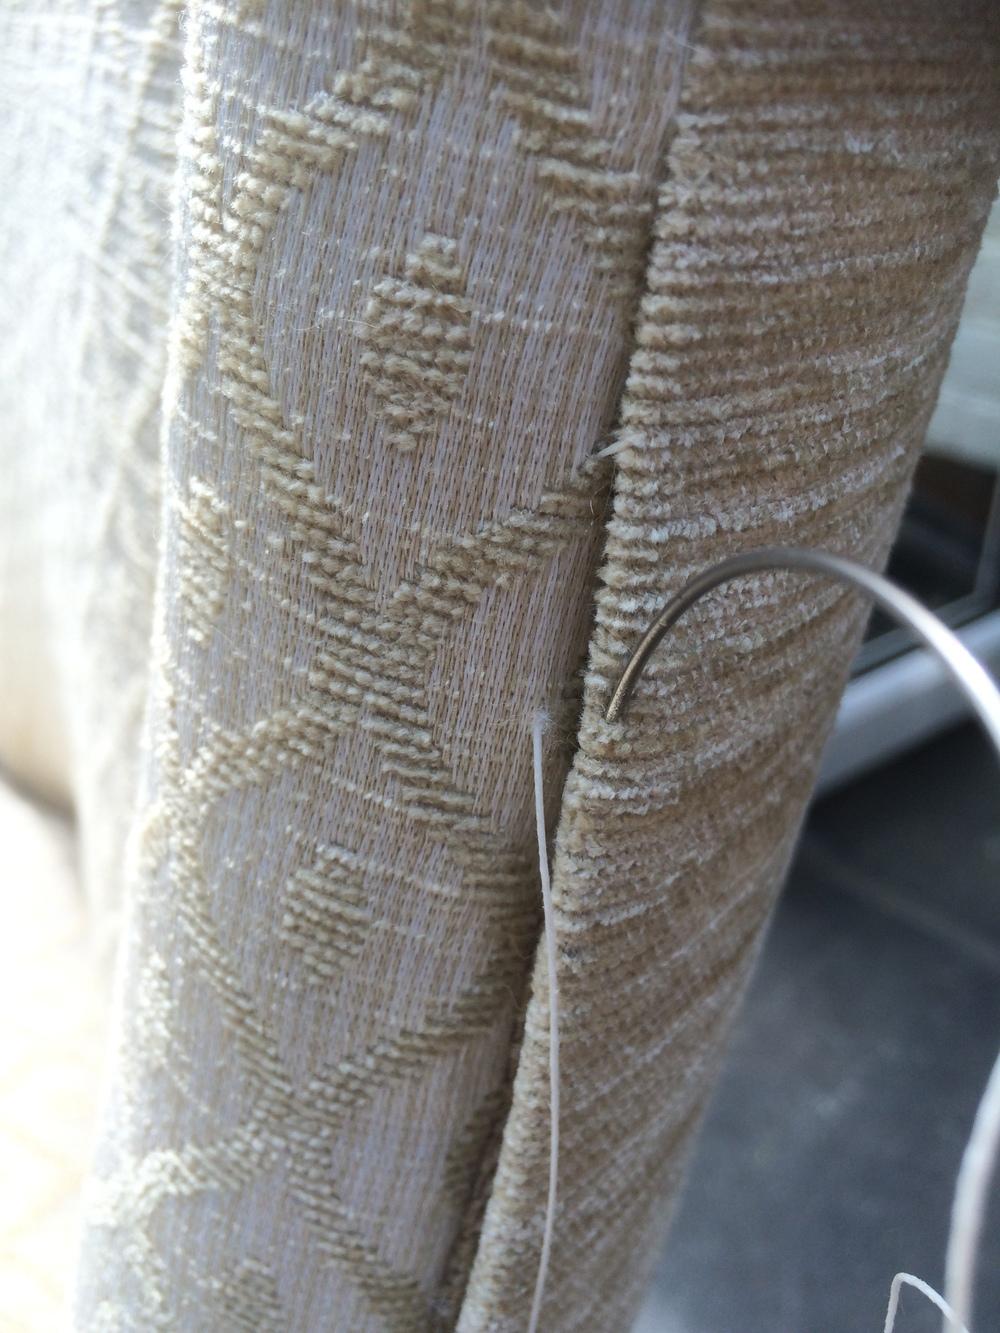 Slip-stitching